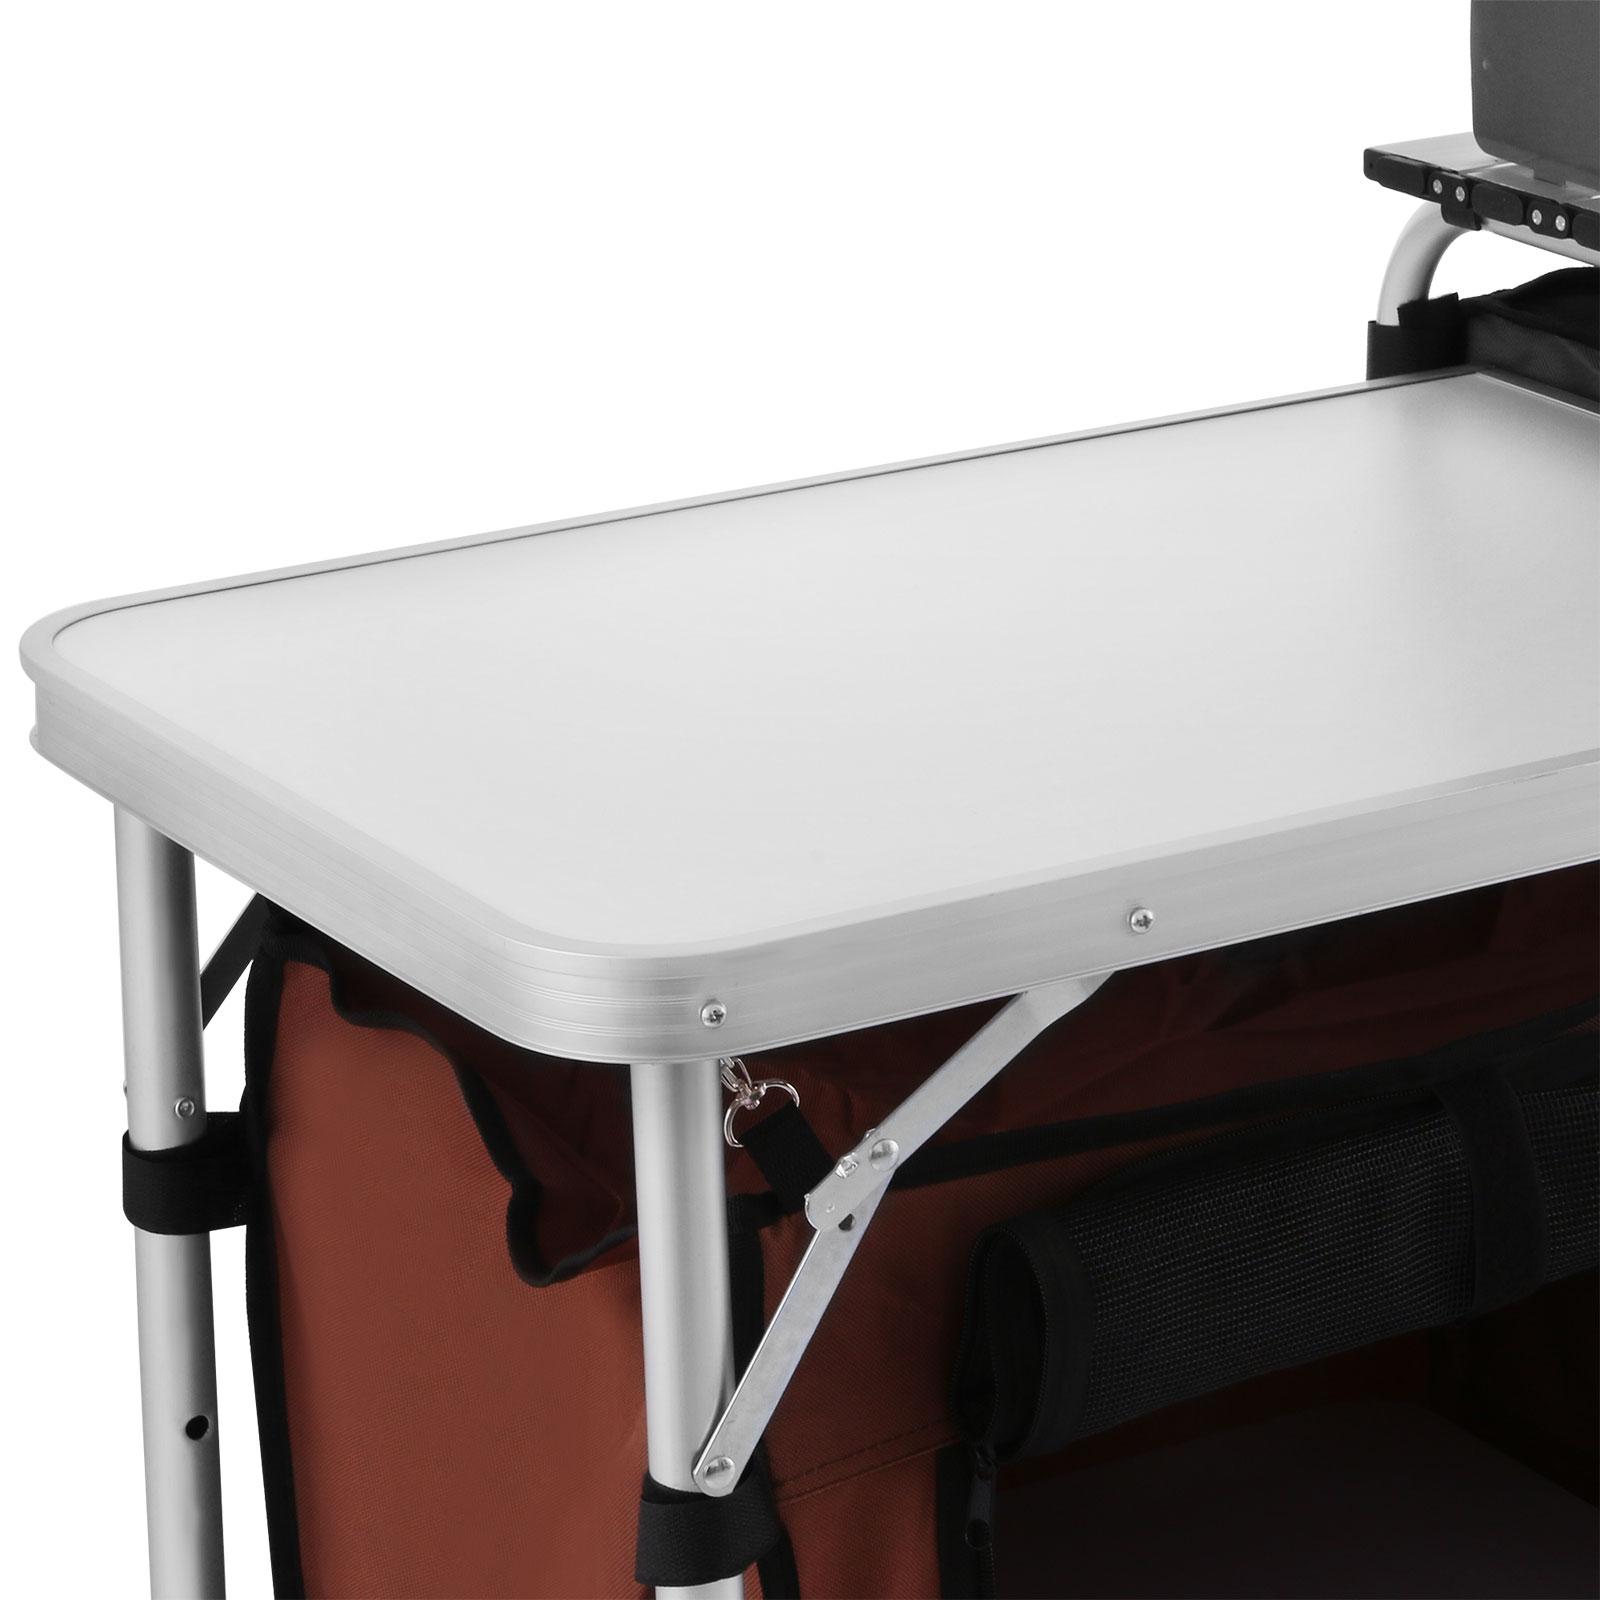 camping kitchen cooking table food prep food storage adjustable folding 245496290737 ebay. Black Bedroom Furniture Sets. Home Design Ideas